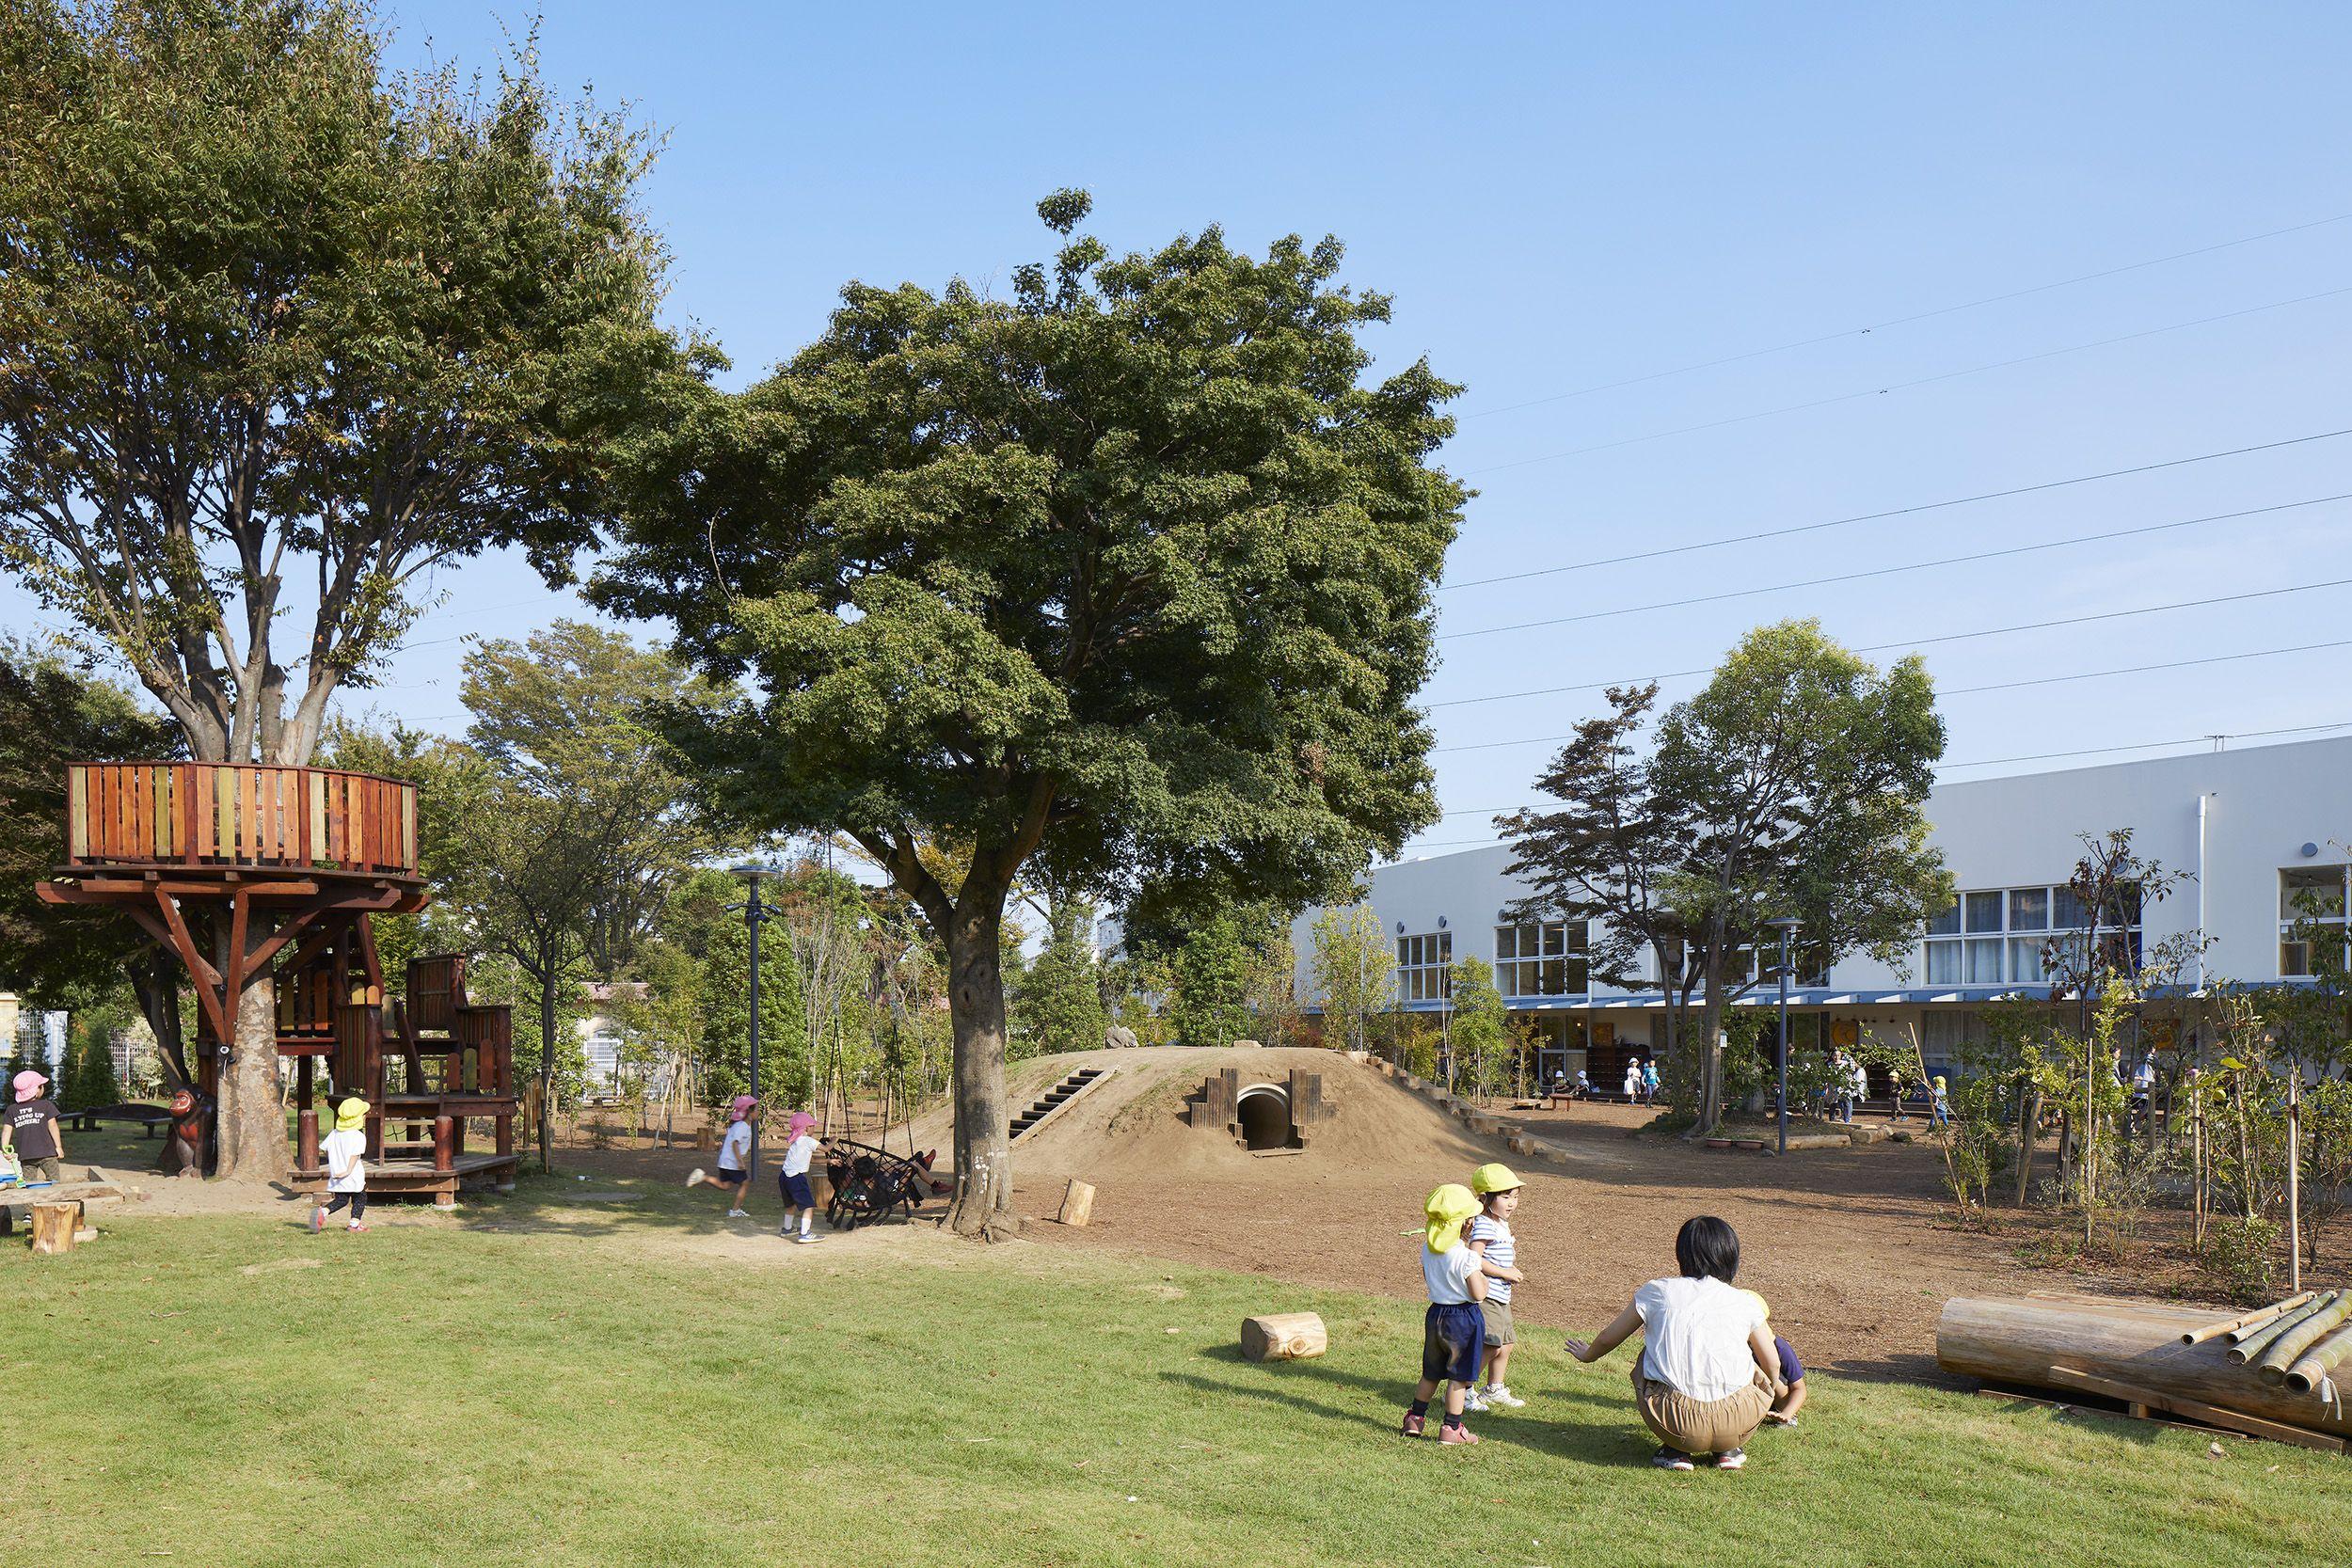 ボード 幼稚園 のピン